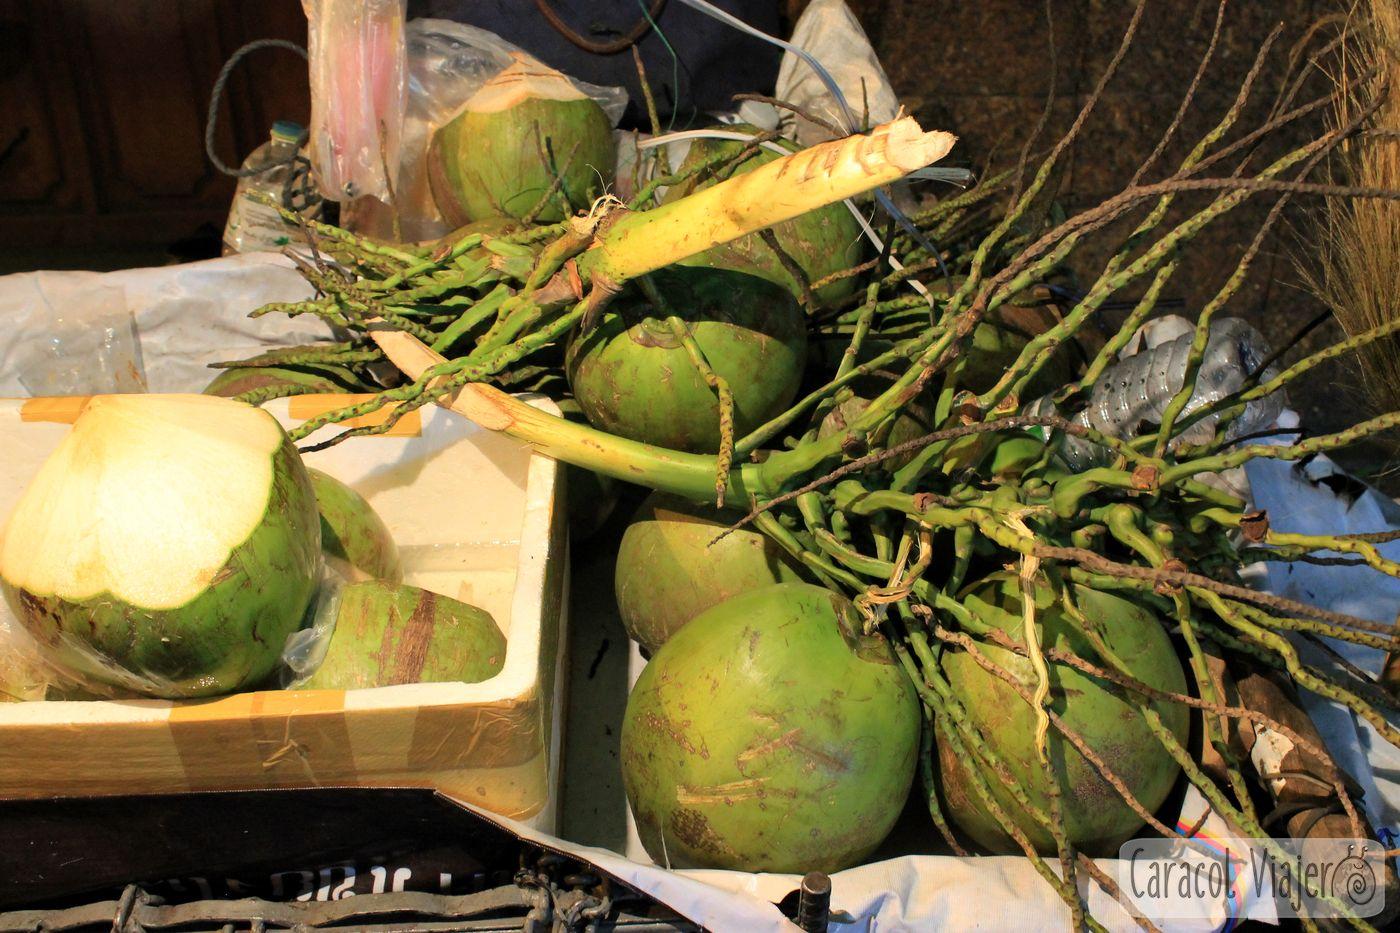 coco verde para beber